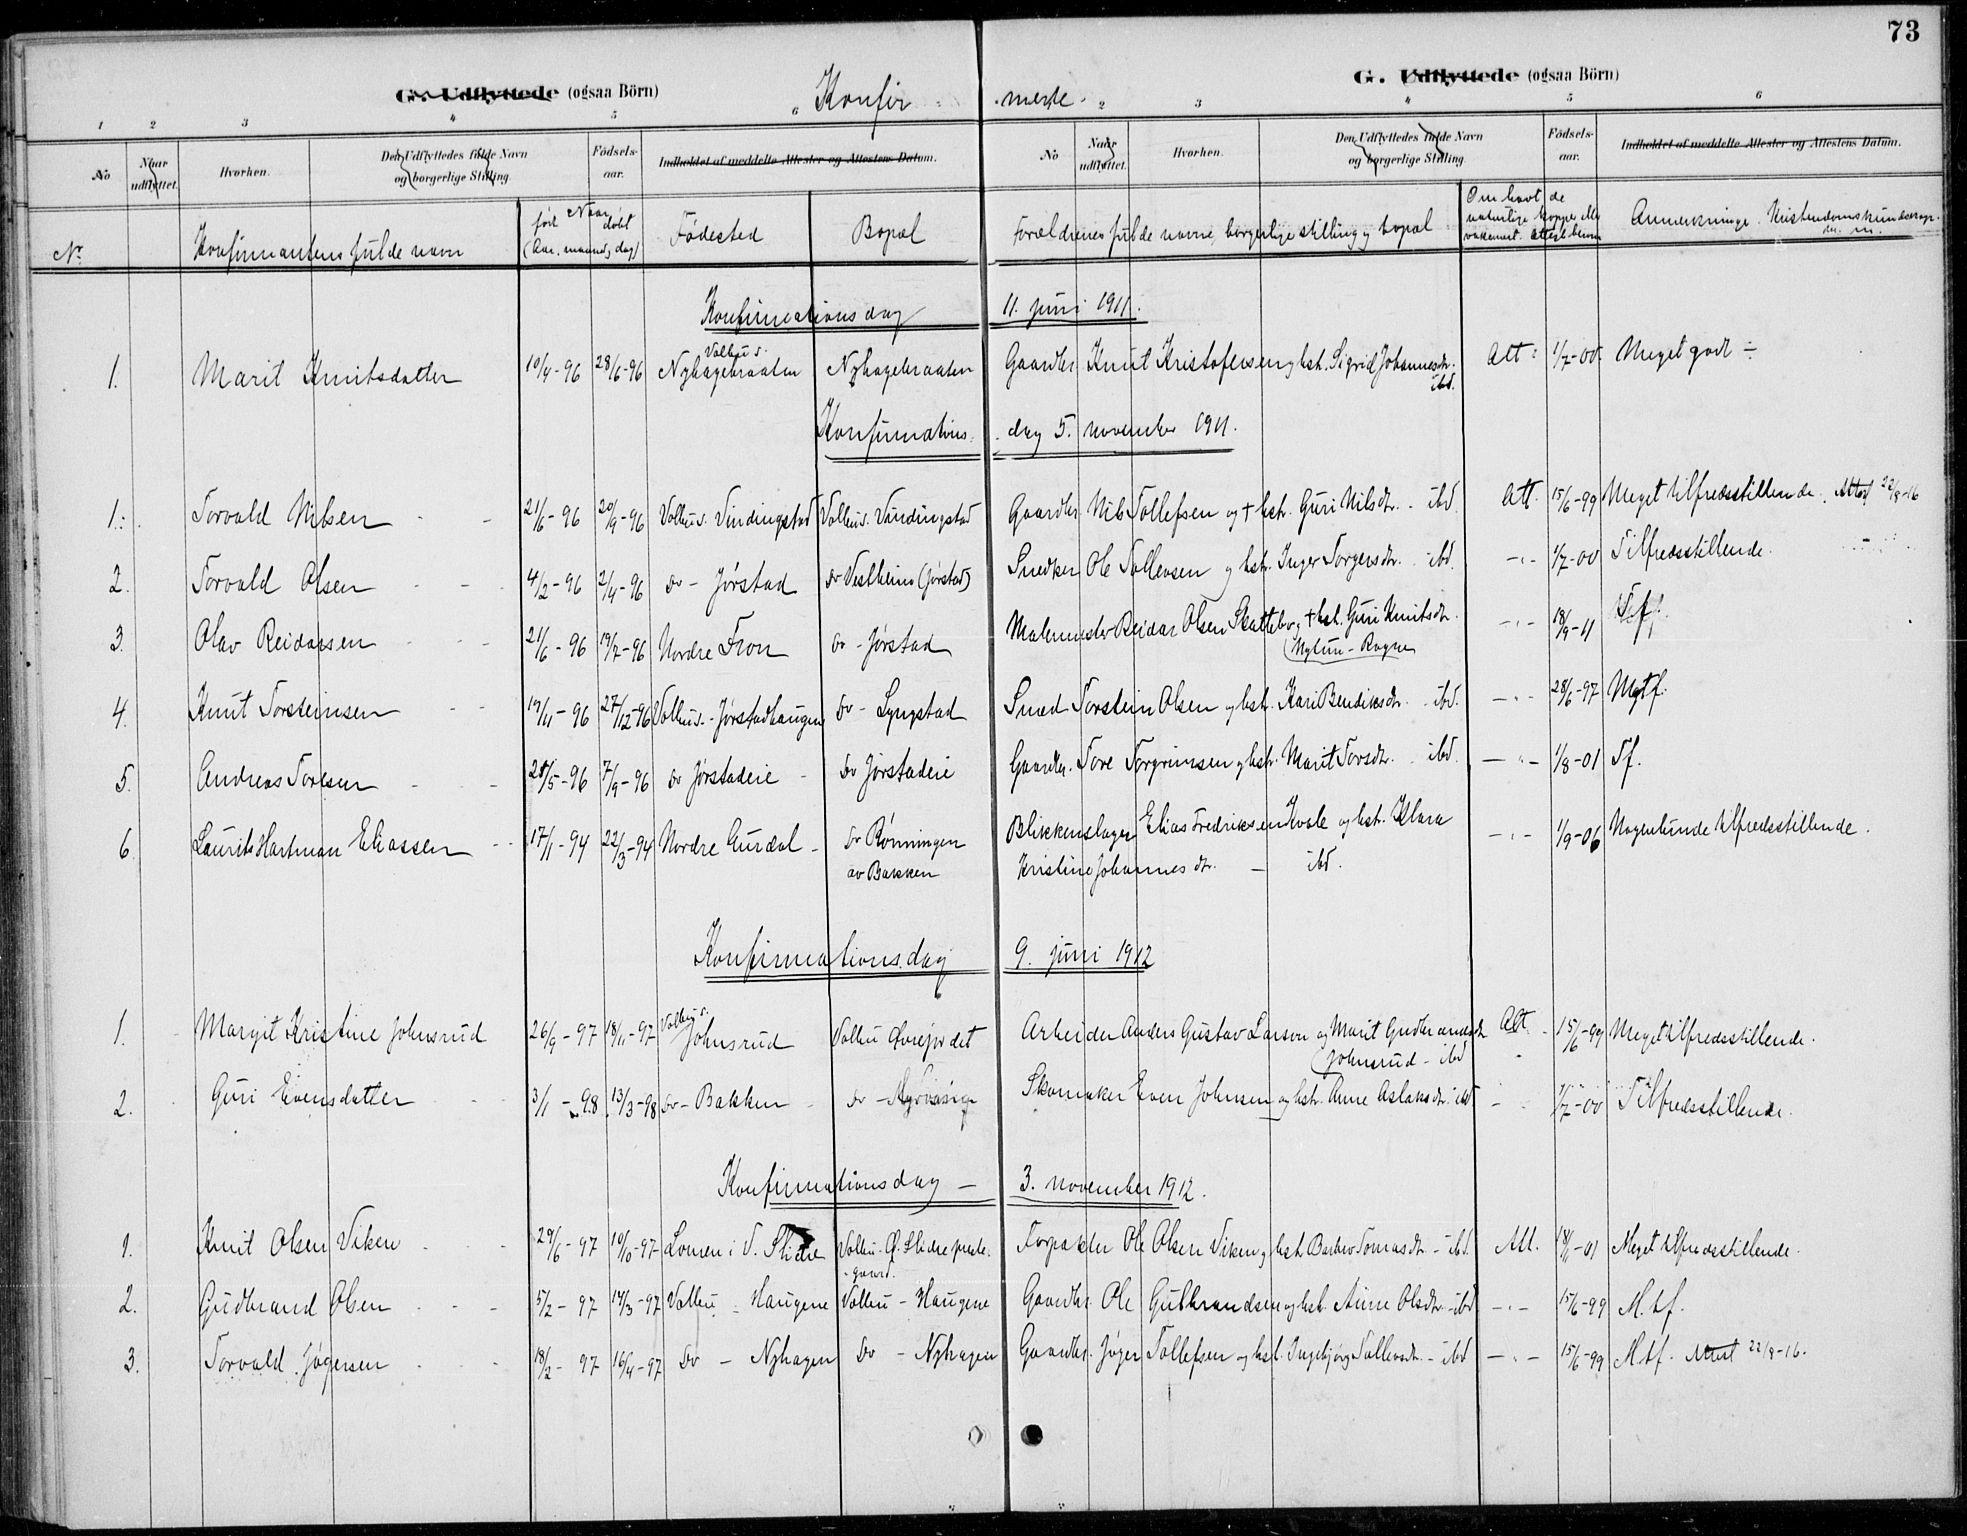 SAH, Øystre Slidre prestekontor, Ministerialbok nr. 5, 1887-1916, s. 73